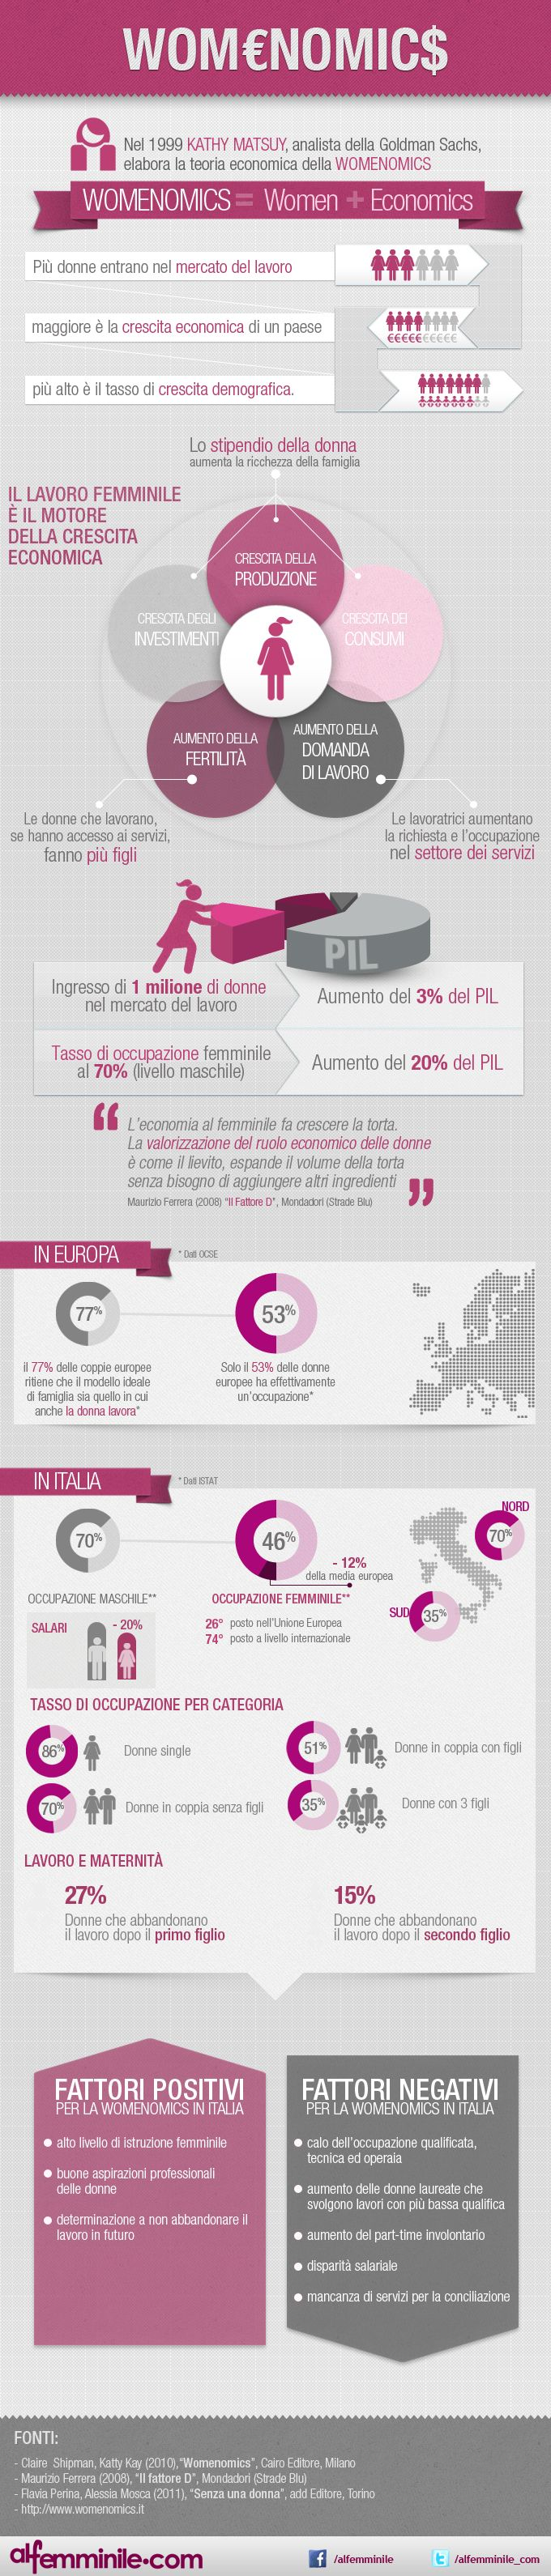 #Infografica sulla #Womenomics. Lavoro femminile e crescita economica